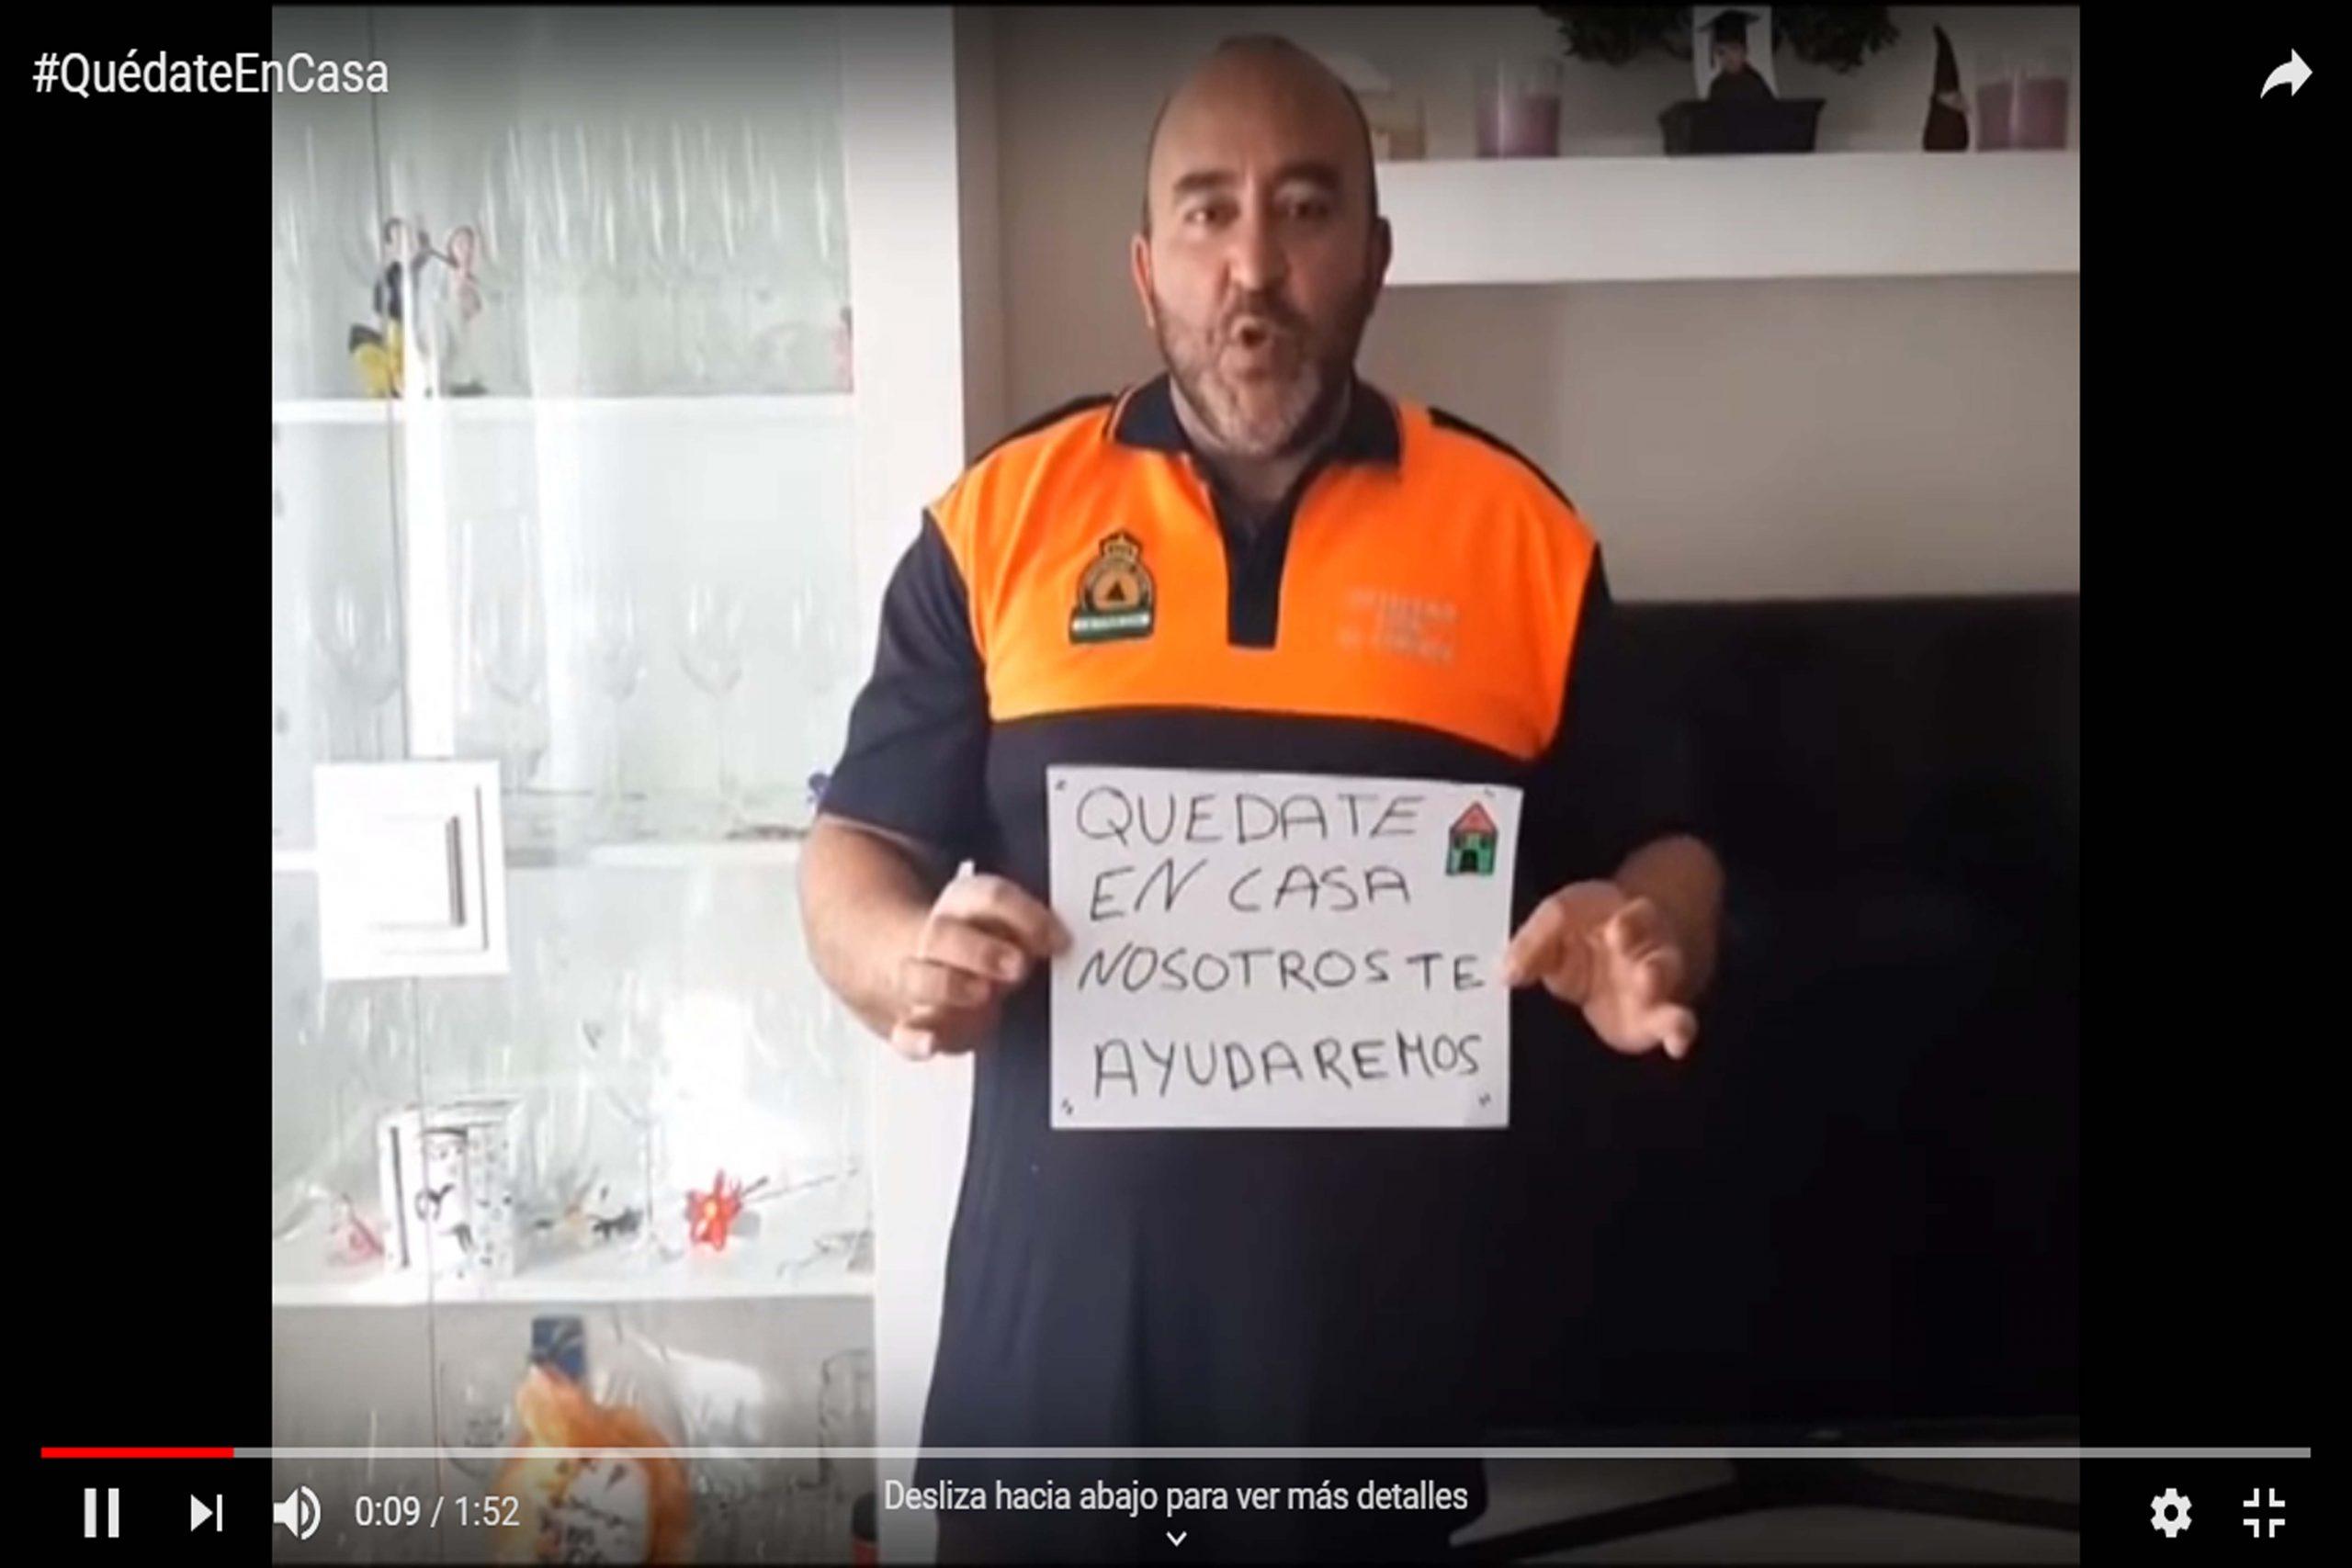 PROTECCIÓN CIVIL DE LA CARLOTA NOS DICE #QUÉDATEENCASA Y QUE ELLOS/AS ESTÁN AHÍ SI LOS/AS NECESITAS 1